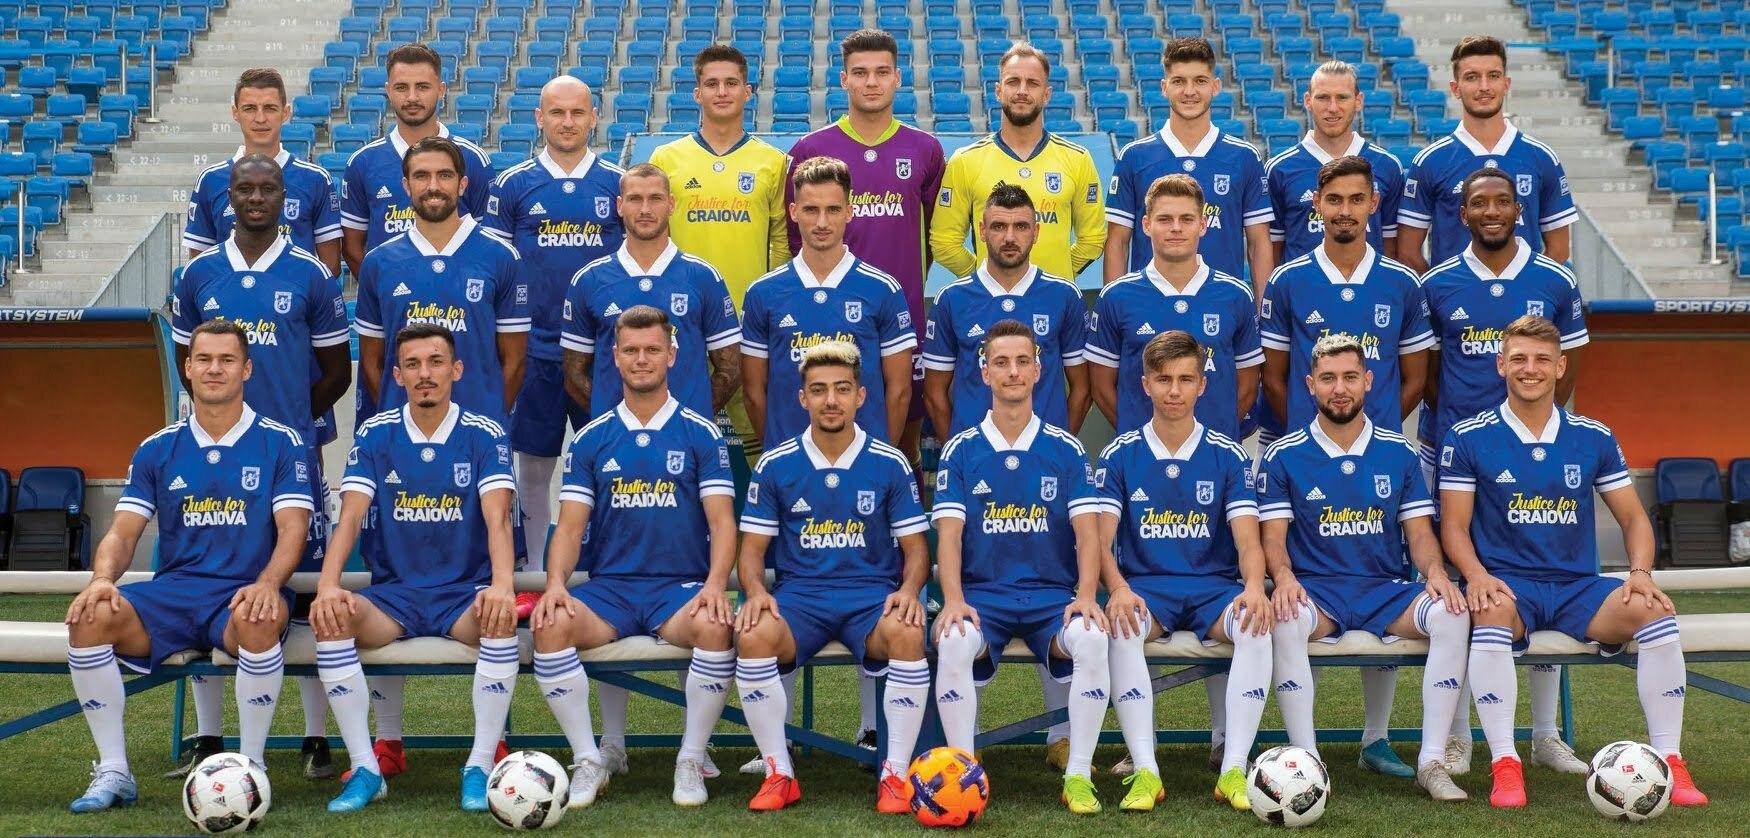 FCU Craiova - Ripensia